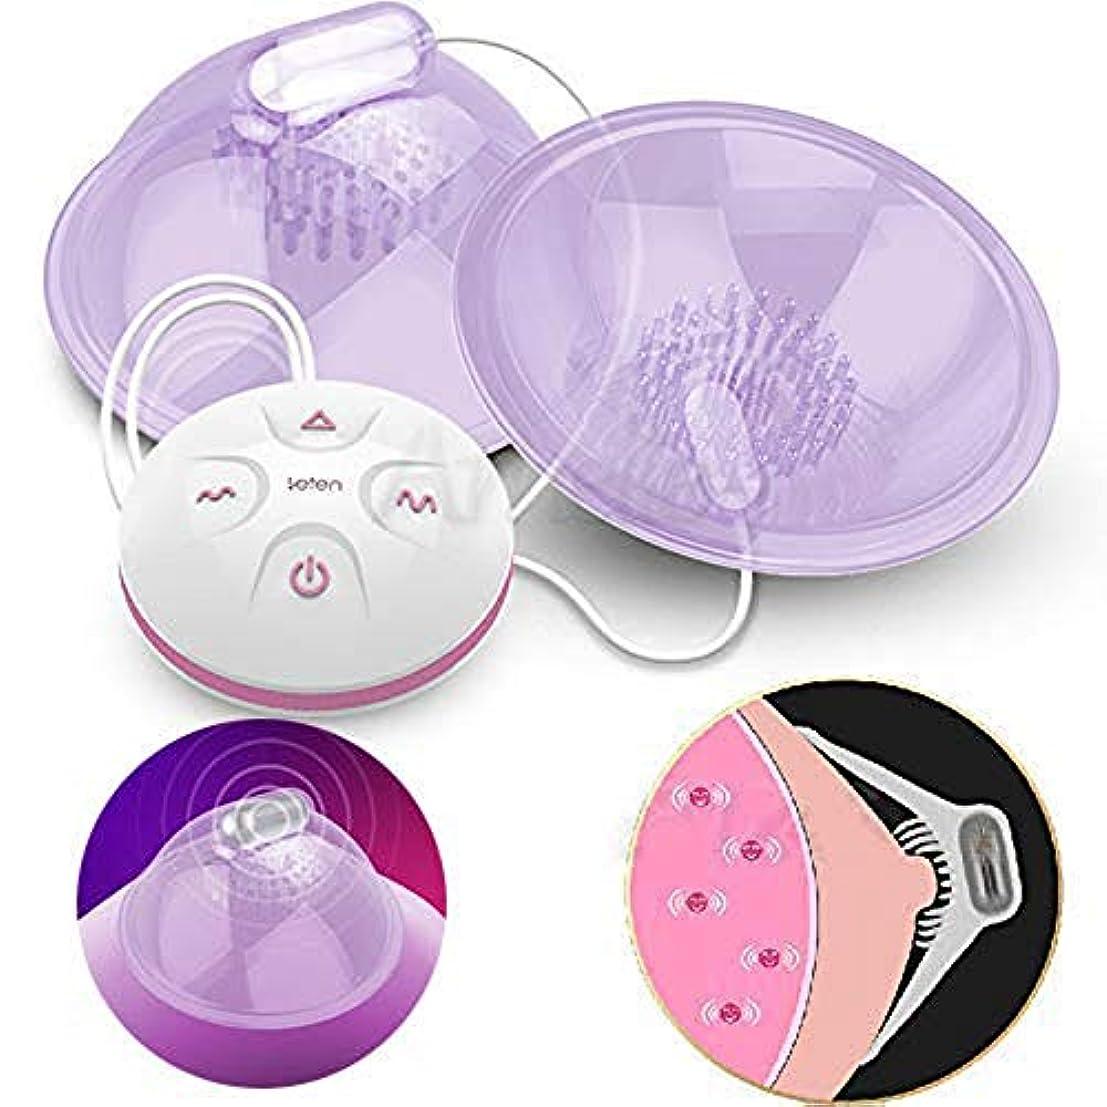 ゴシップ花輪現実充電式Ni-ppleマッサージャー胸胸部刺激装置エンハンサー玩具女性、小売ボックス付き10スピードスピードモード電動ポンプ吸盤